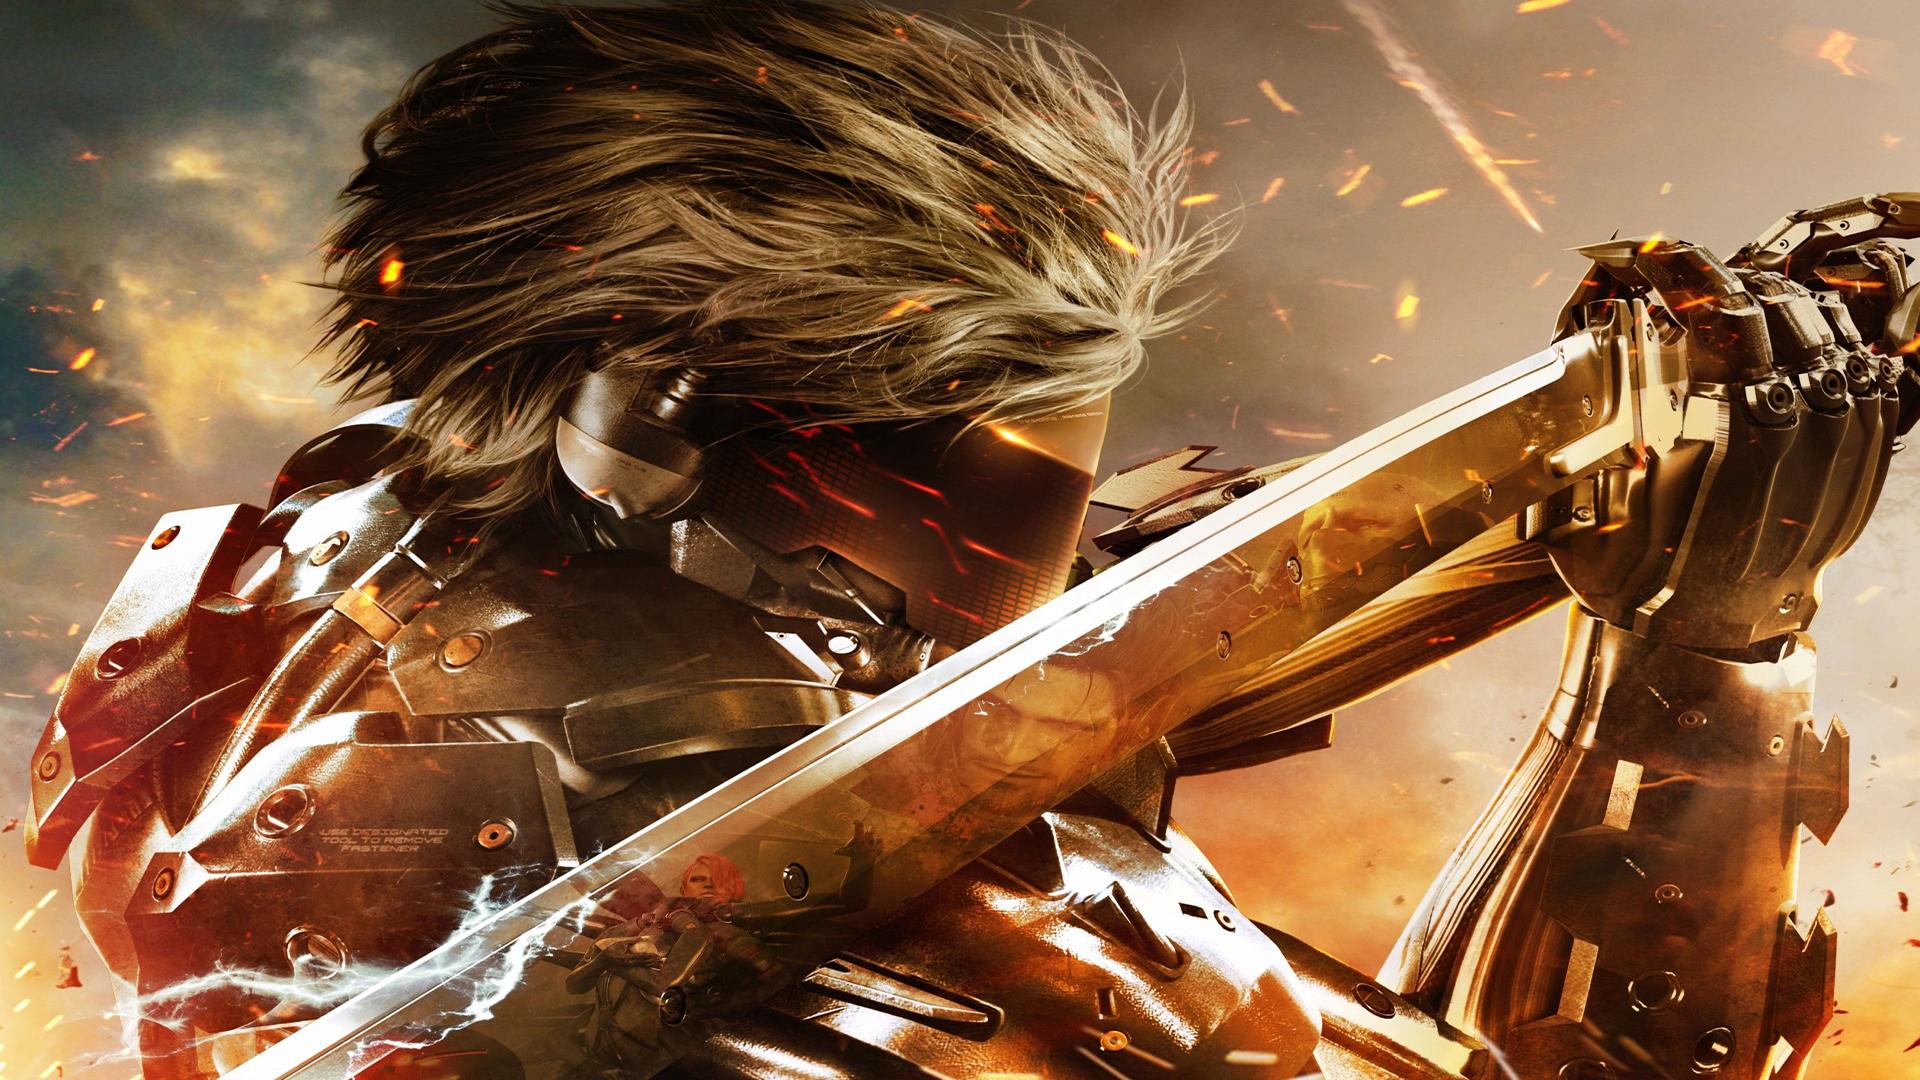 合金装备崛起:复仇/Metal Gear Rising: Revengeance插图2